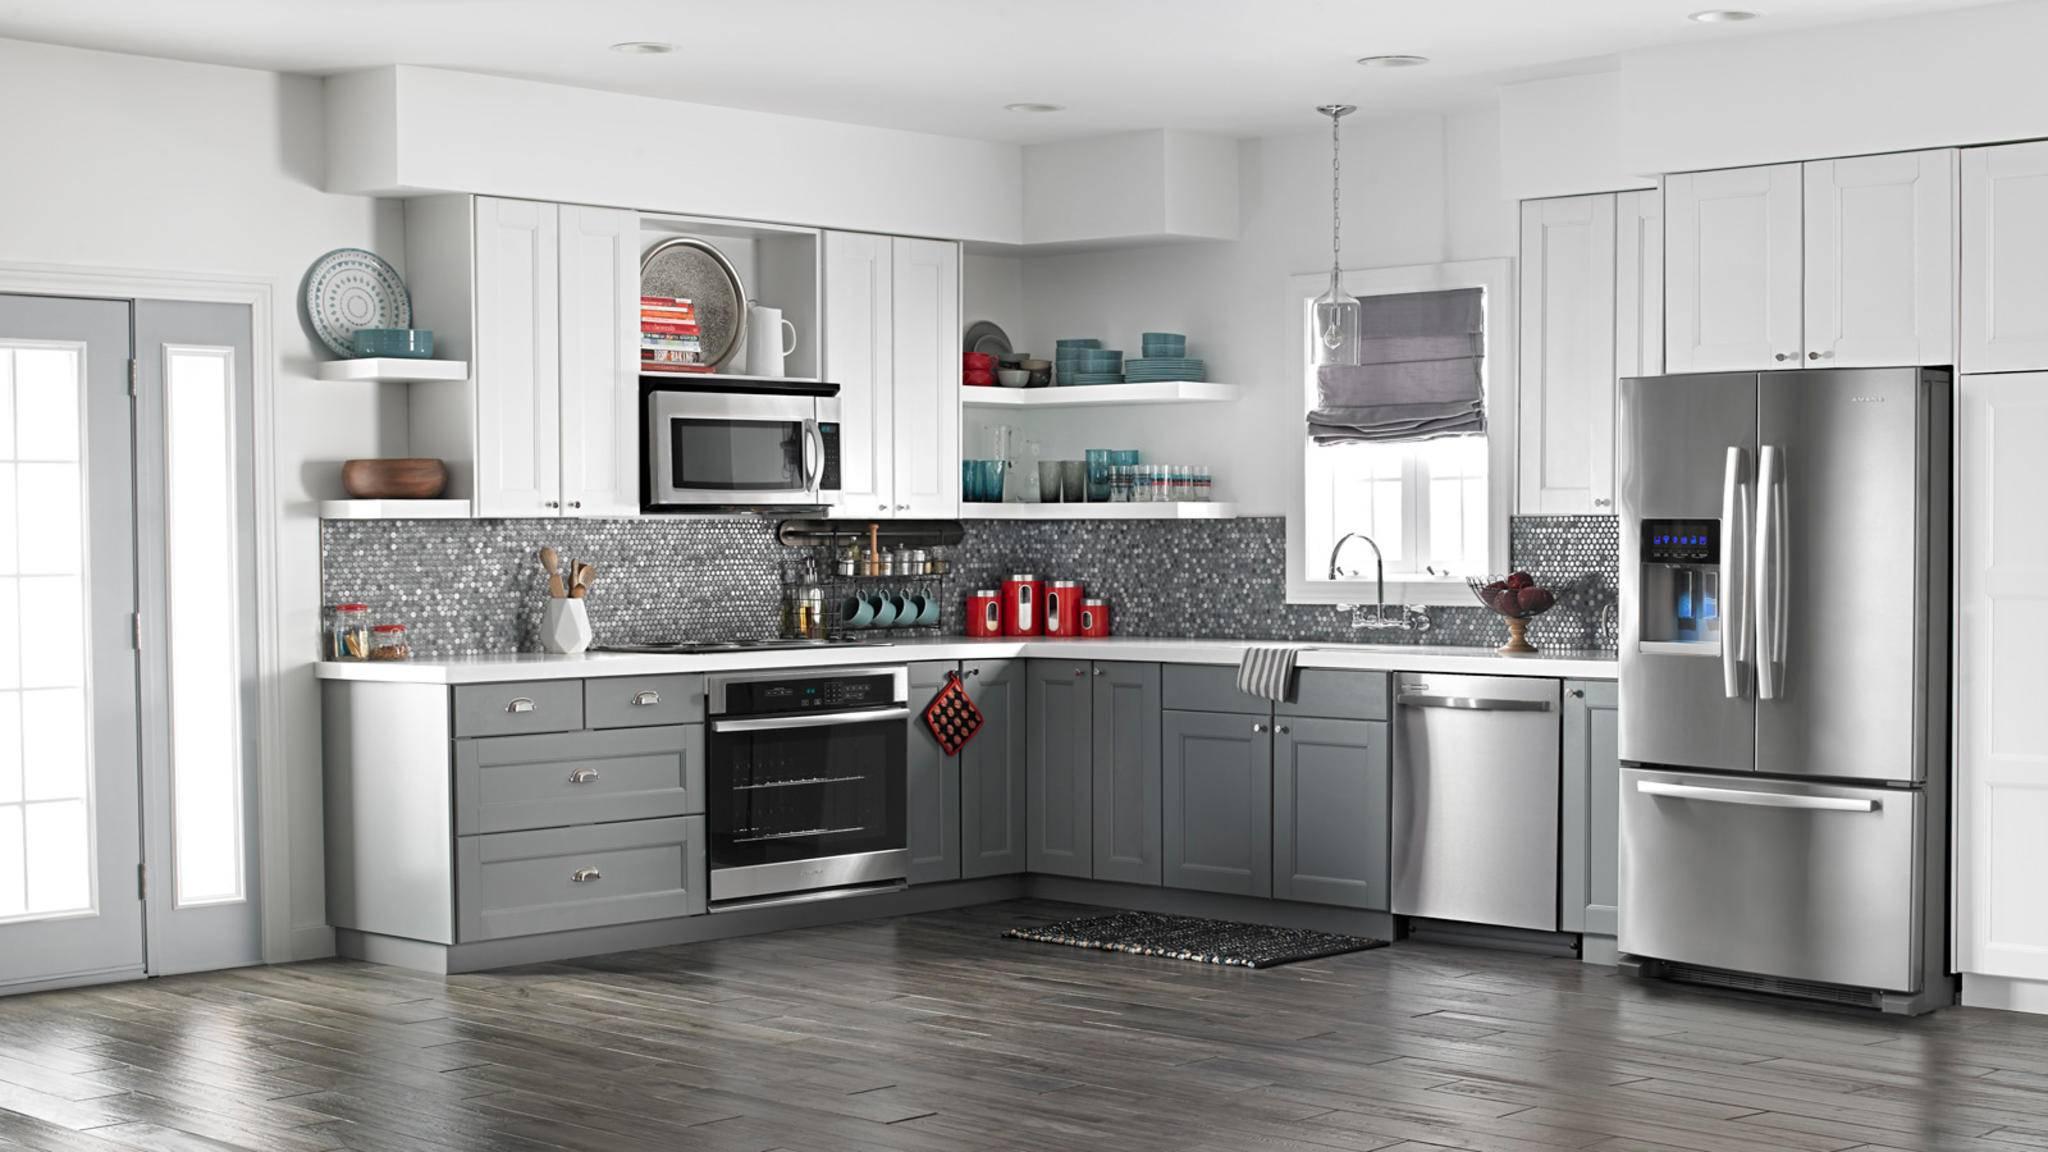 Die smarten Küchengeräte von Whirlpool verstehen sich künftig mit Yummly, Alexa und Siri.